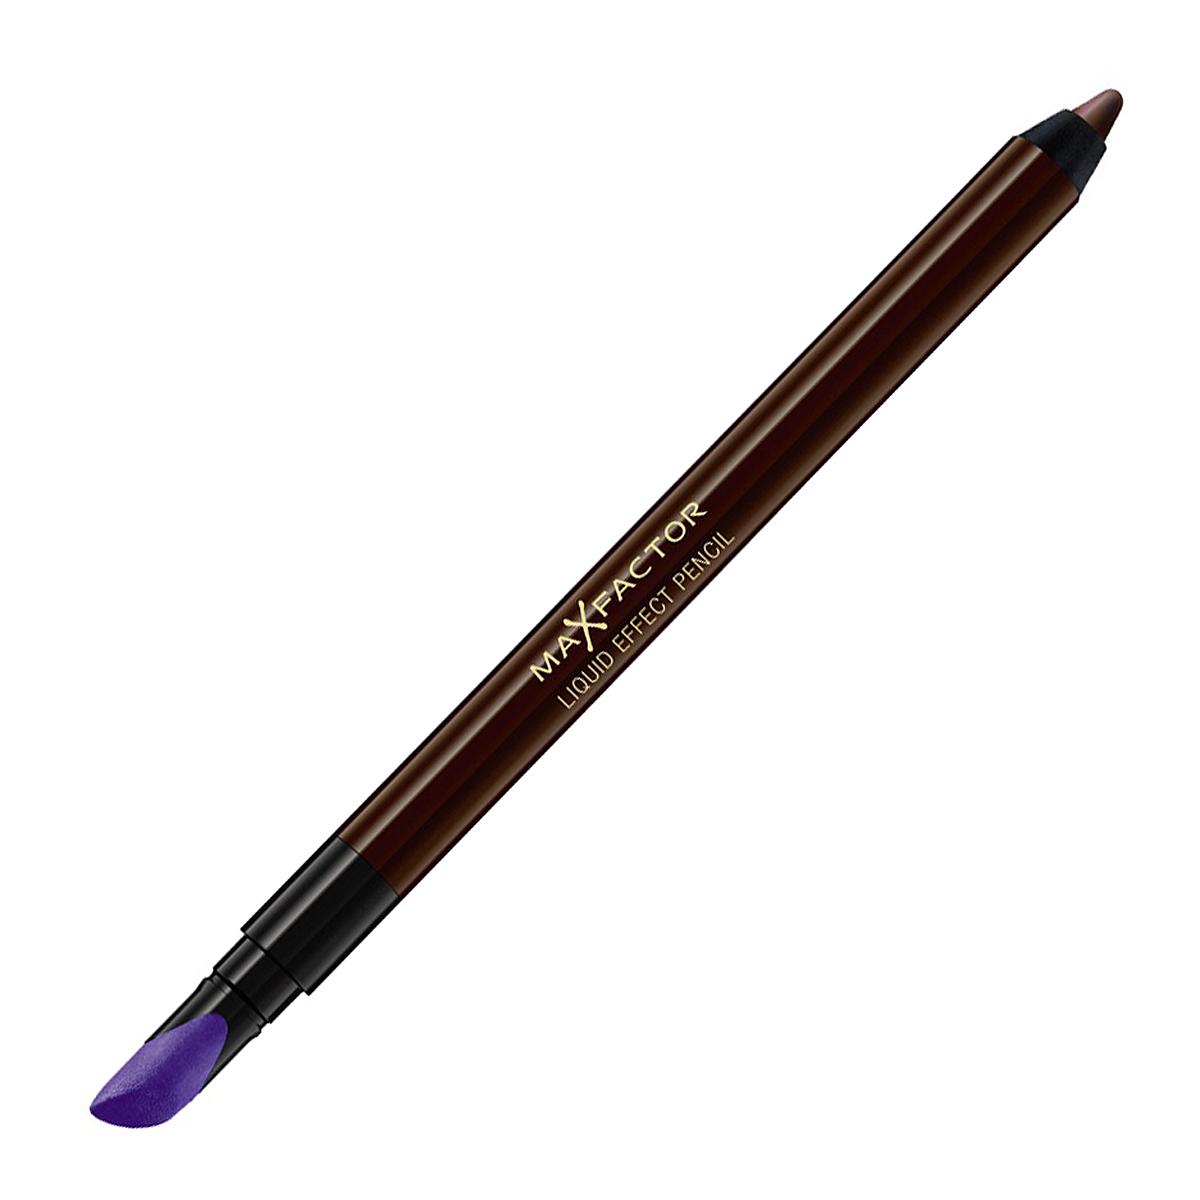 Max Factor Карандаш для глаз Liquid Effect Pencil, тон №05 Brown blaze, цвет: коричневый81440185Контурный карандаш для глаз Liquid Effect Pencil - это уникальное экспертное решение компании MaxFactor для макияжа глаз. Удобство использования карандаша сочетается с четкостью линий и насыщенностью цвета подводки для век. При помощи специального наконечника можно плавно растушевать стрелки и создать эффект Smoky eyes. Устойчивый к внешним воздействиям. Универсальный карандаш для век поможет придать вашим глазам особую выразительность и таинственность с легким эффектом гламура. Товар сертифицирован.